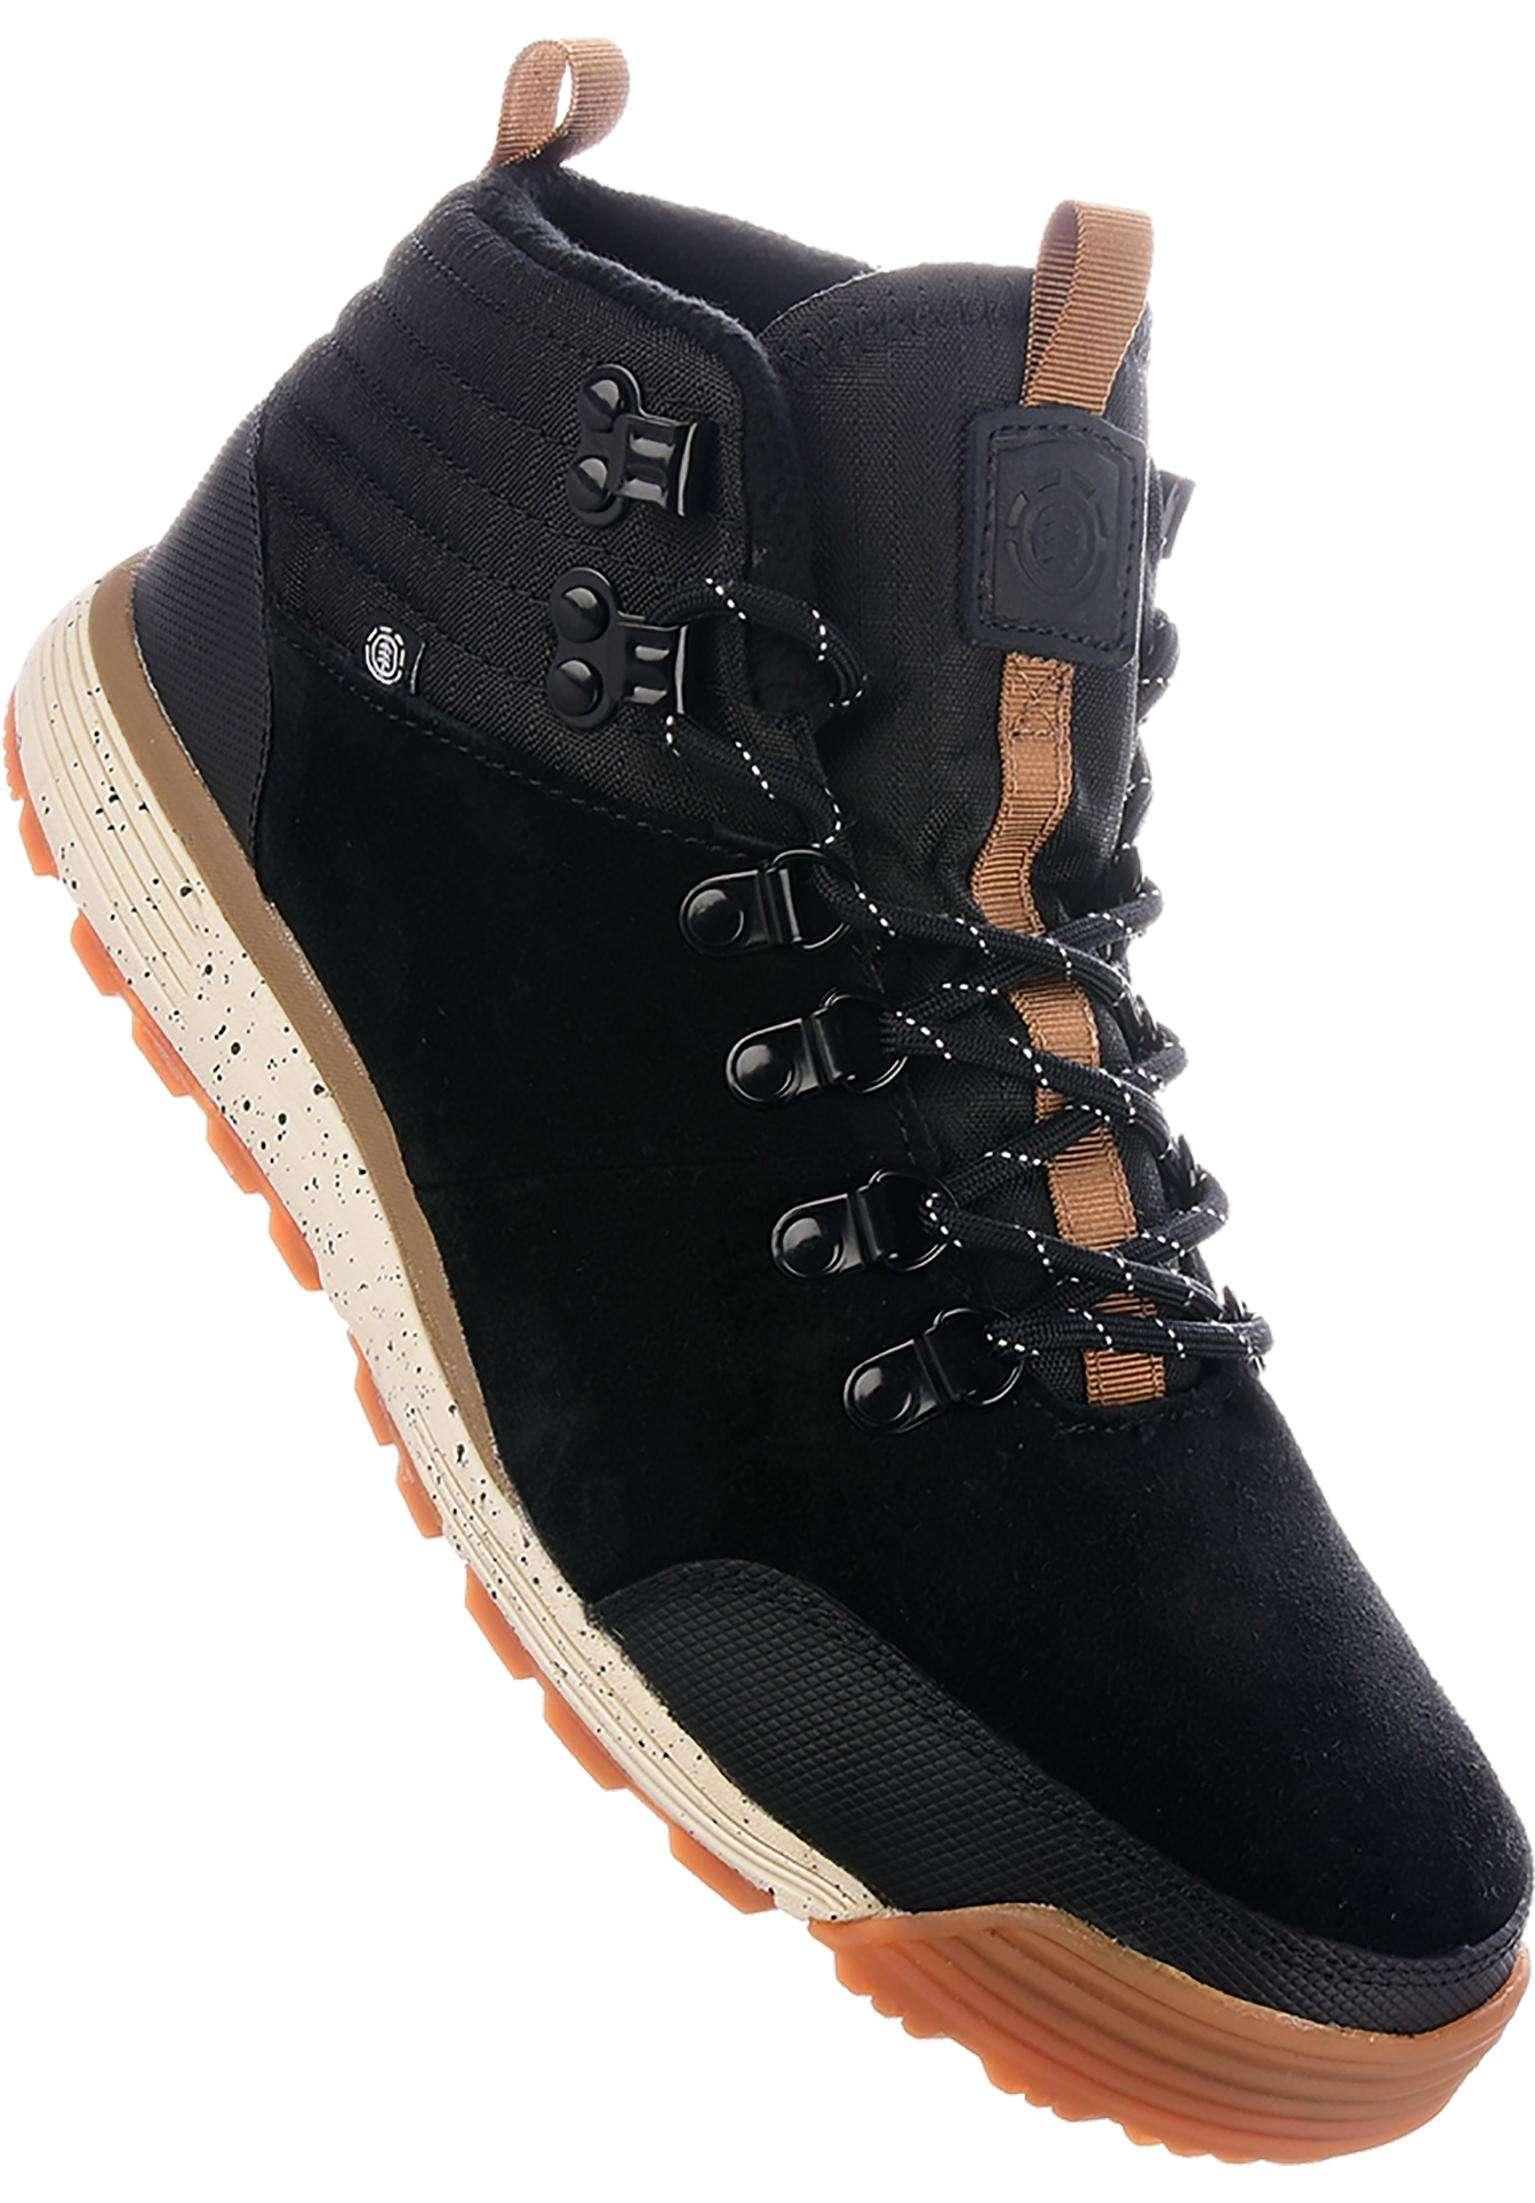 Pour Chaussures Toutes Donnelly En Homme Light Gum Element Black Les 8IO7w